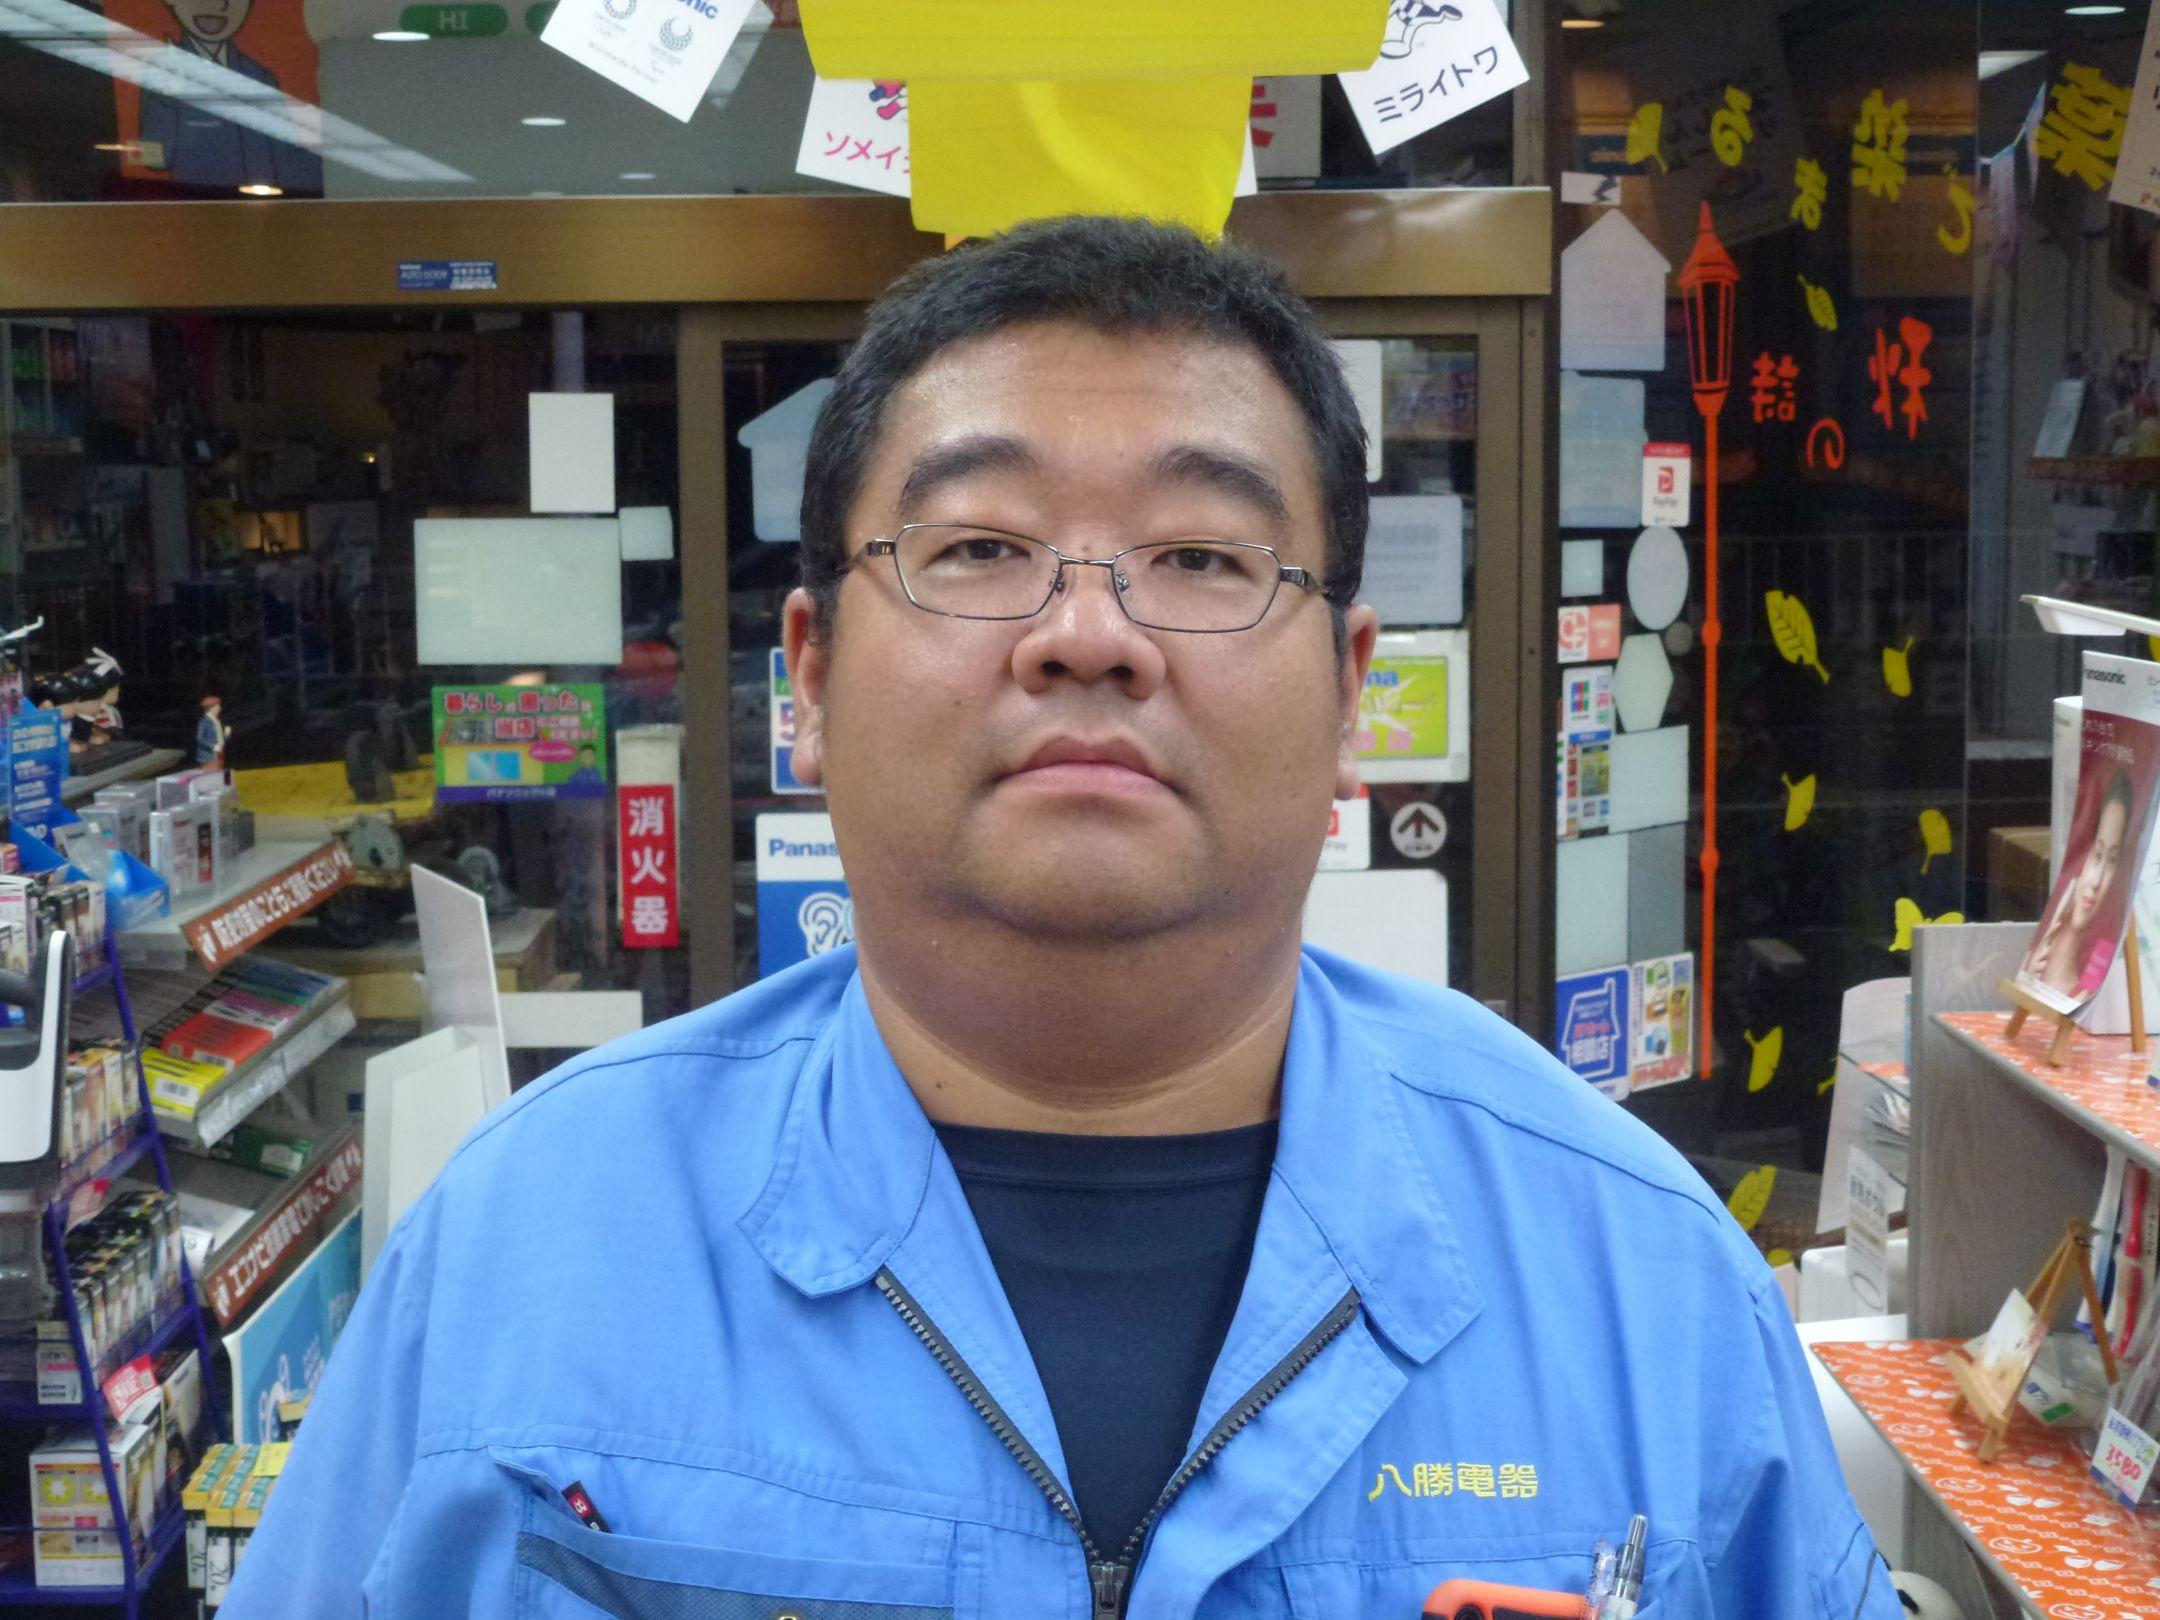 保有資格第二種電気工事士 愛知県知事第75528号  ・好きな食べ物  パスタ ・趣味      読書 ・休日の過ごし方 ホームセンター巡り ・得意な家電   住設備